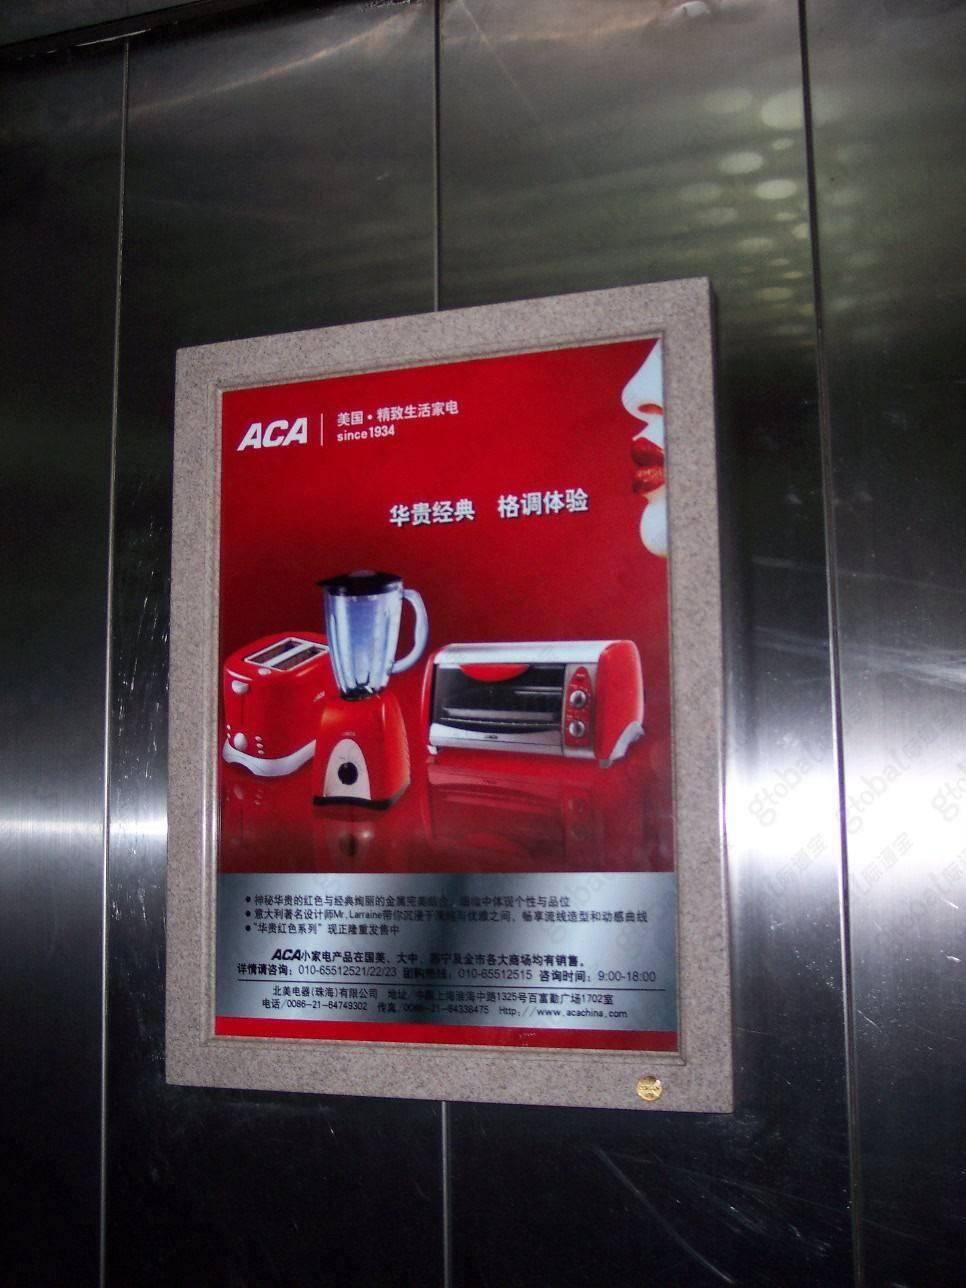 东营电梯广告公司广告牌框架3.0投放(100框起投)